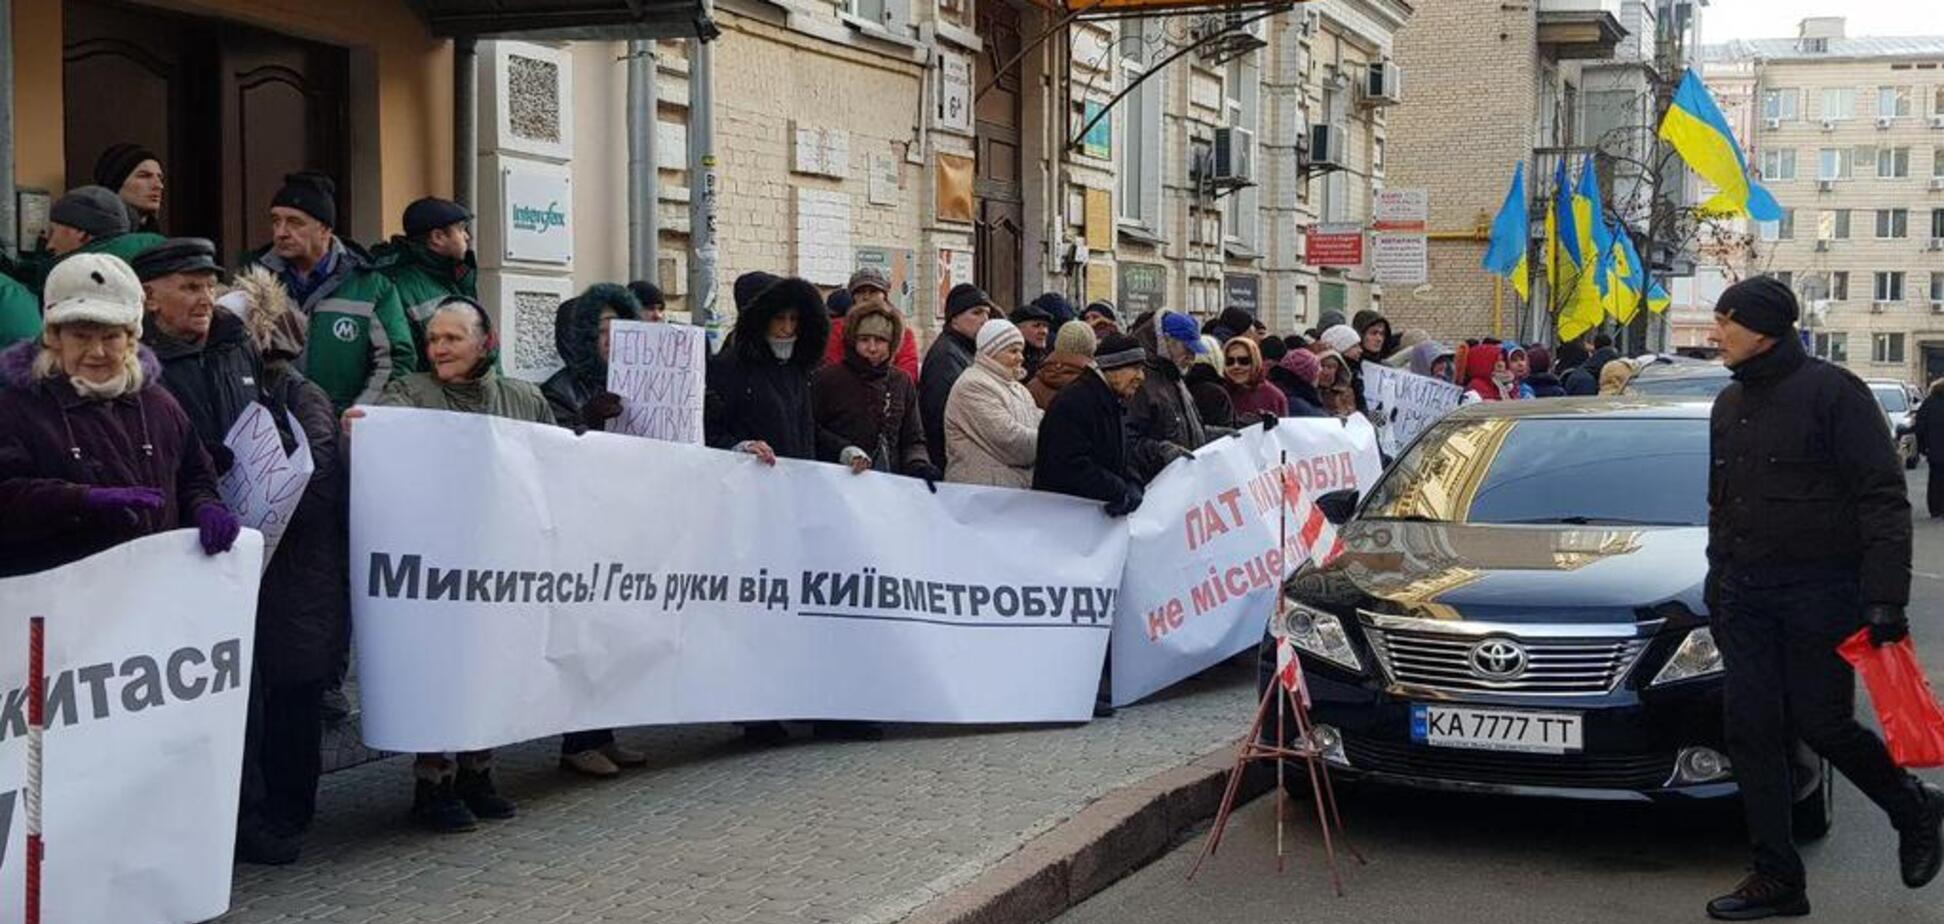 Рейдеры скандального Микитася хотят вернуть контроль над 'Киевметростроем' при помощи махинаций - СМИ